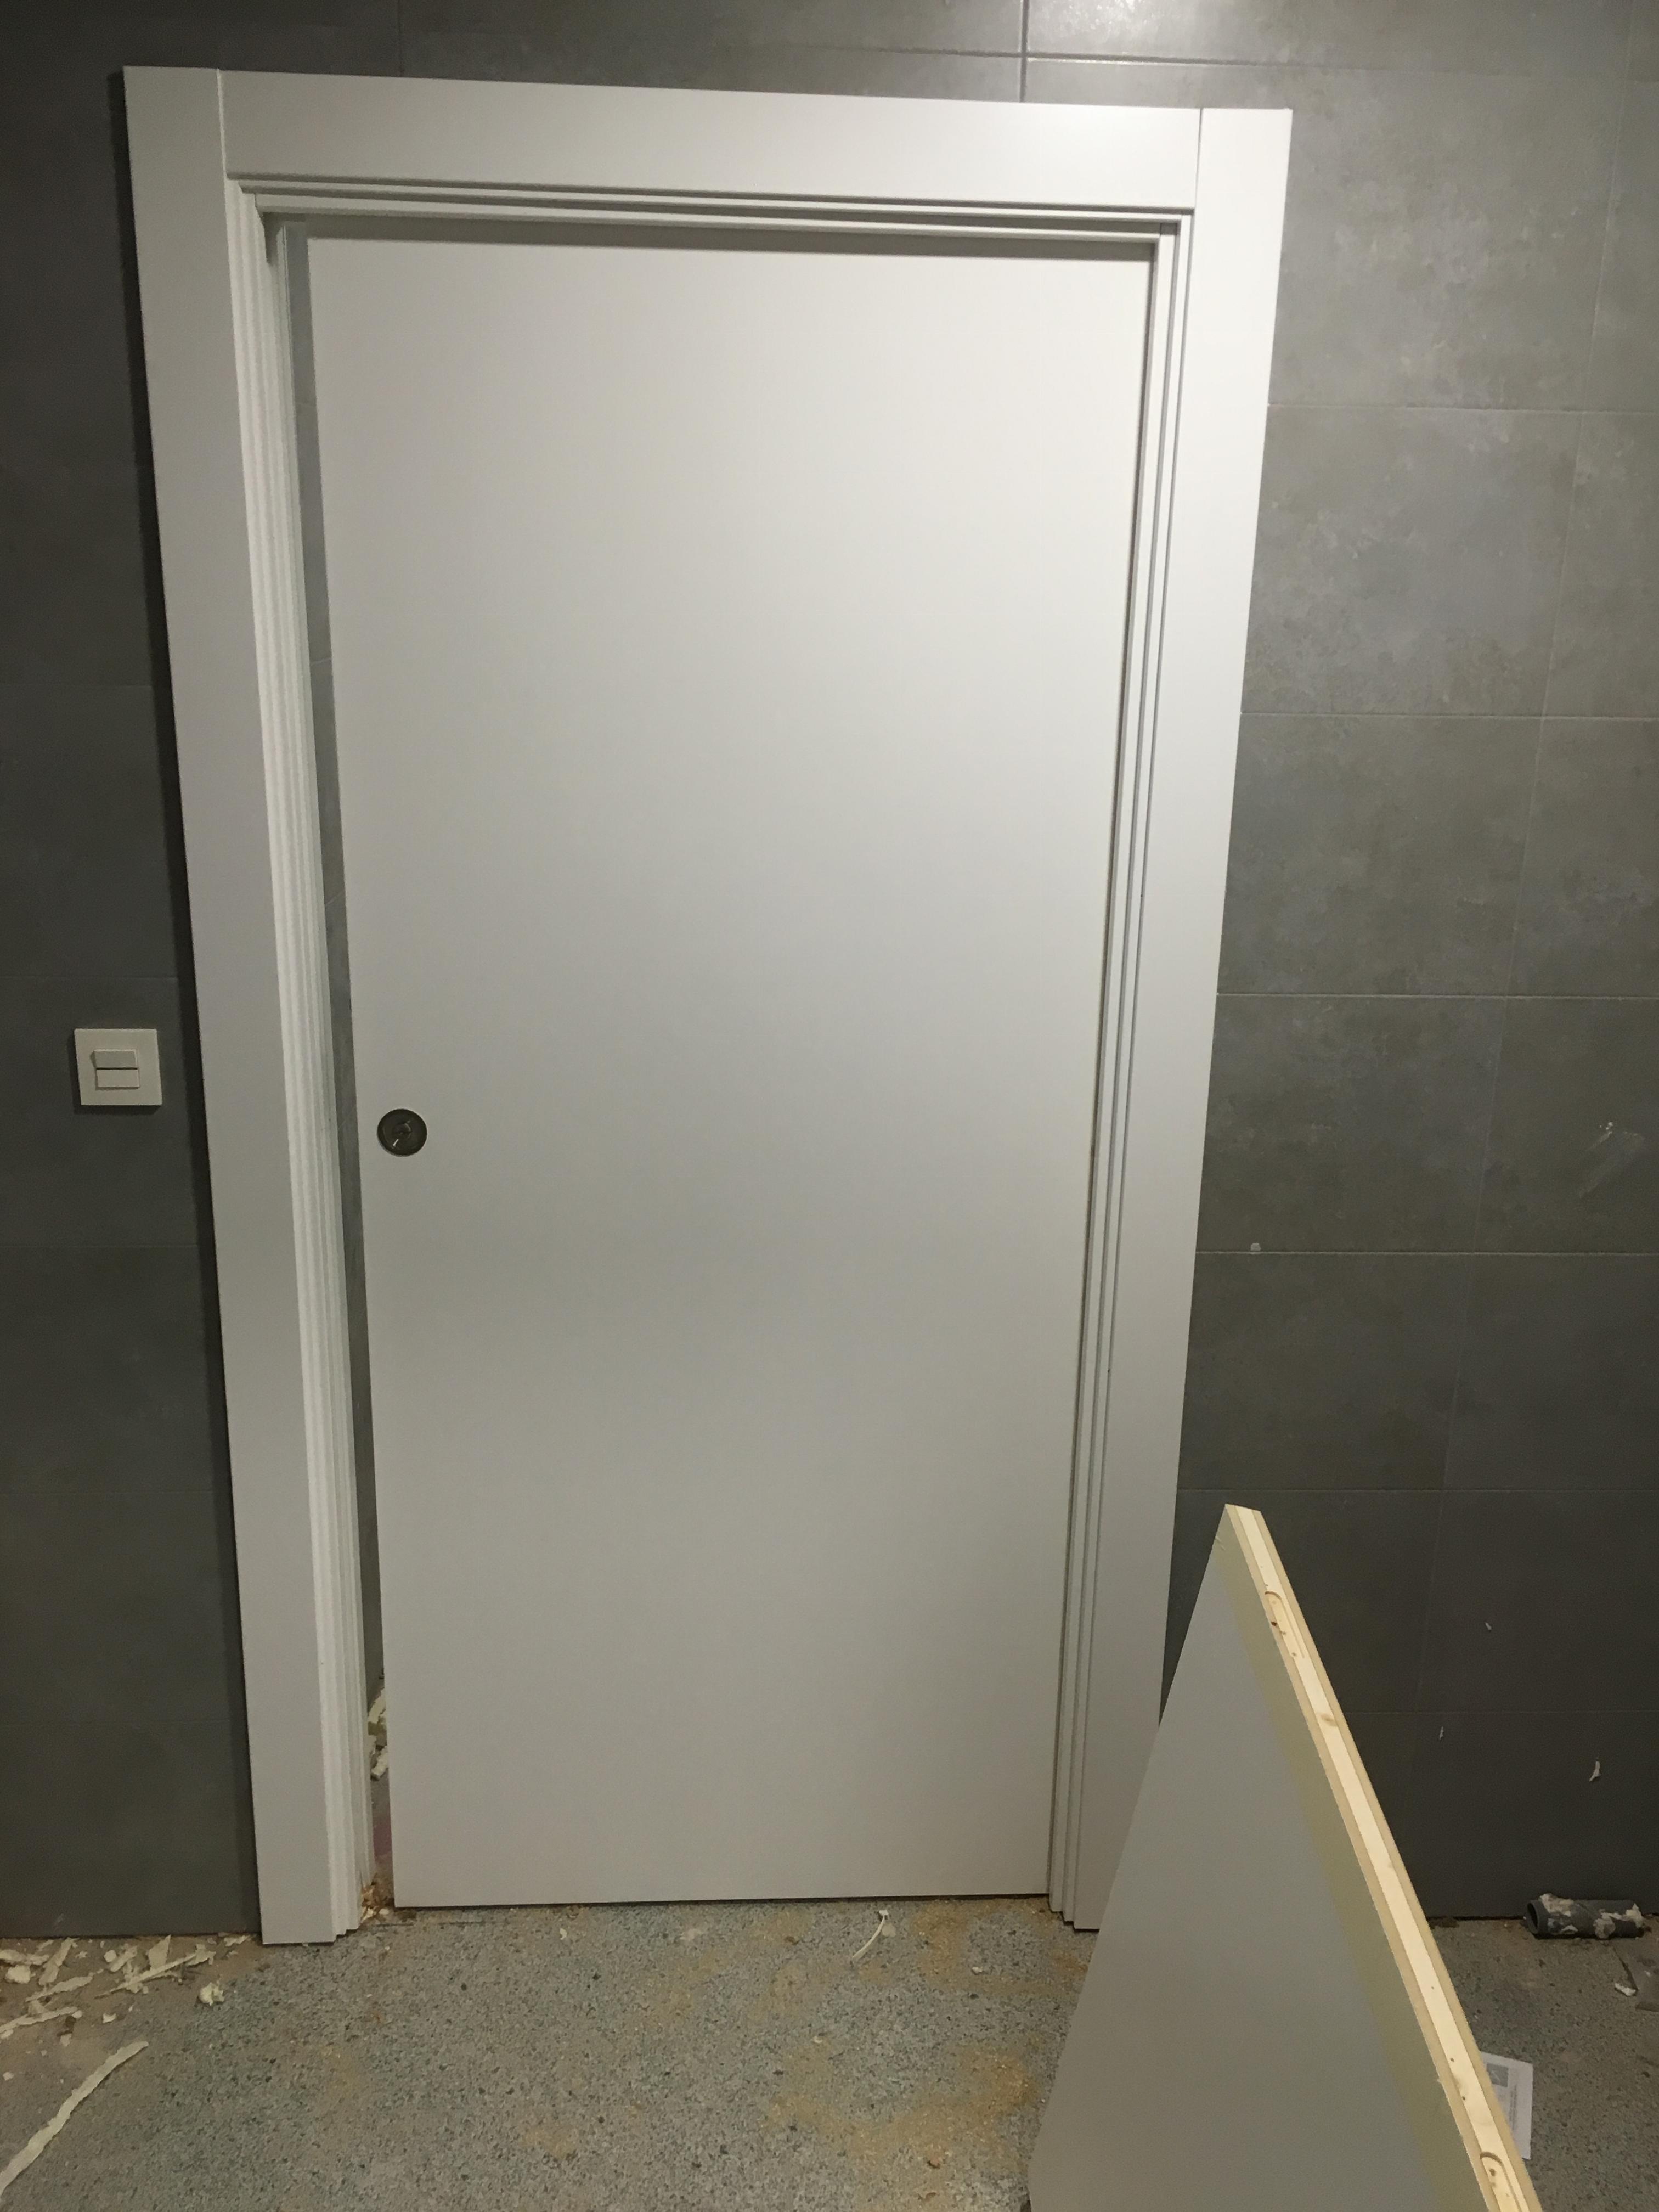 Movidecor 2002 sl puerta lacada en blanco para clinicas - Puerta lacada en blanco ...